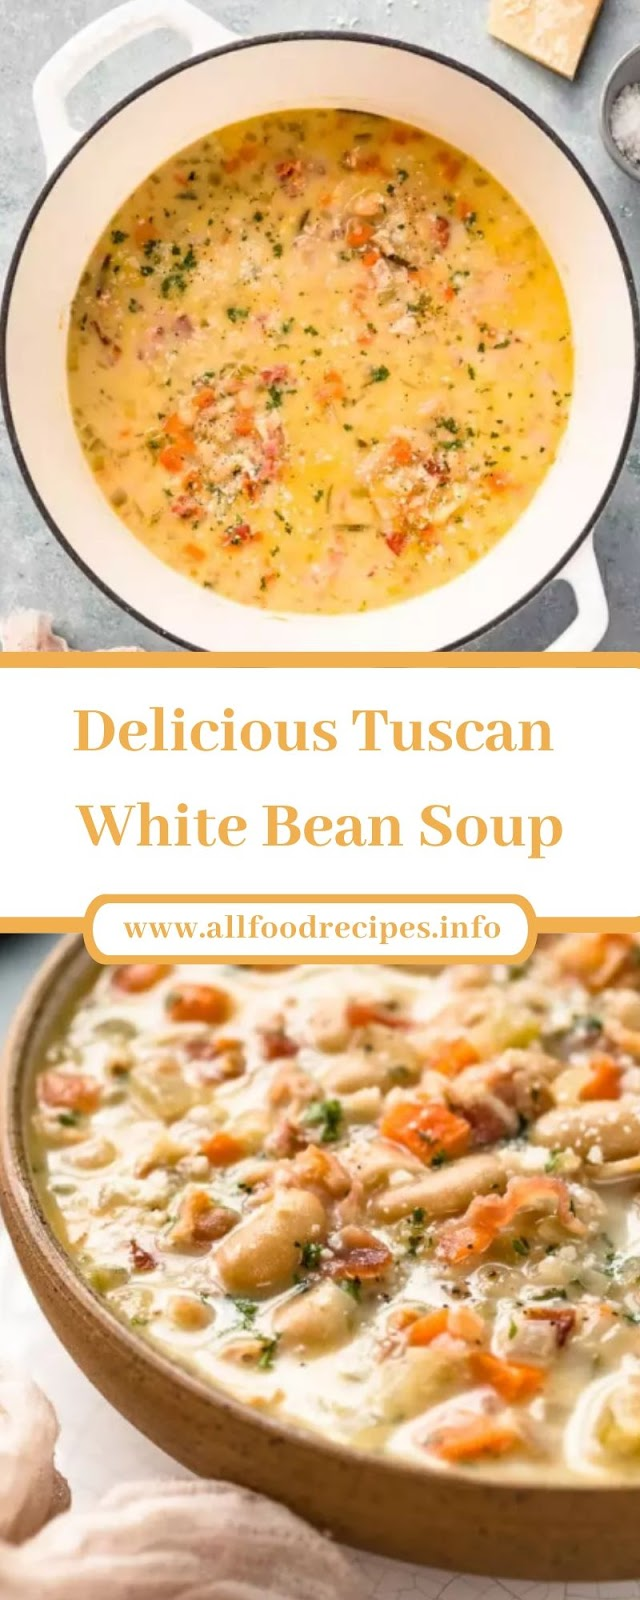 Delicious Tuscan White Bean Soup